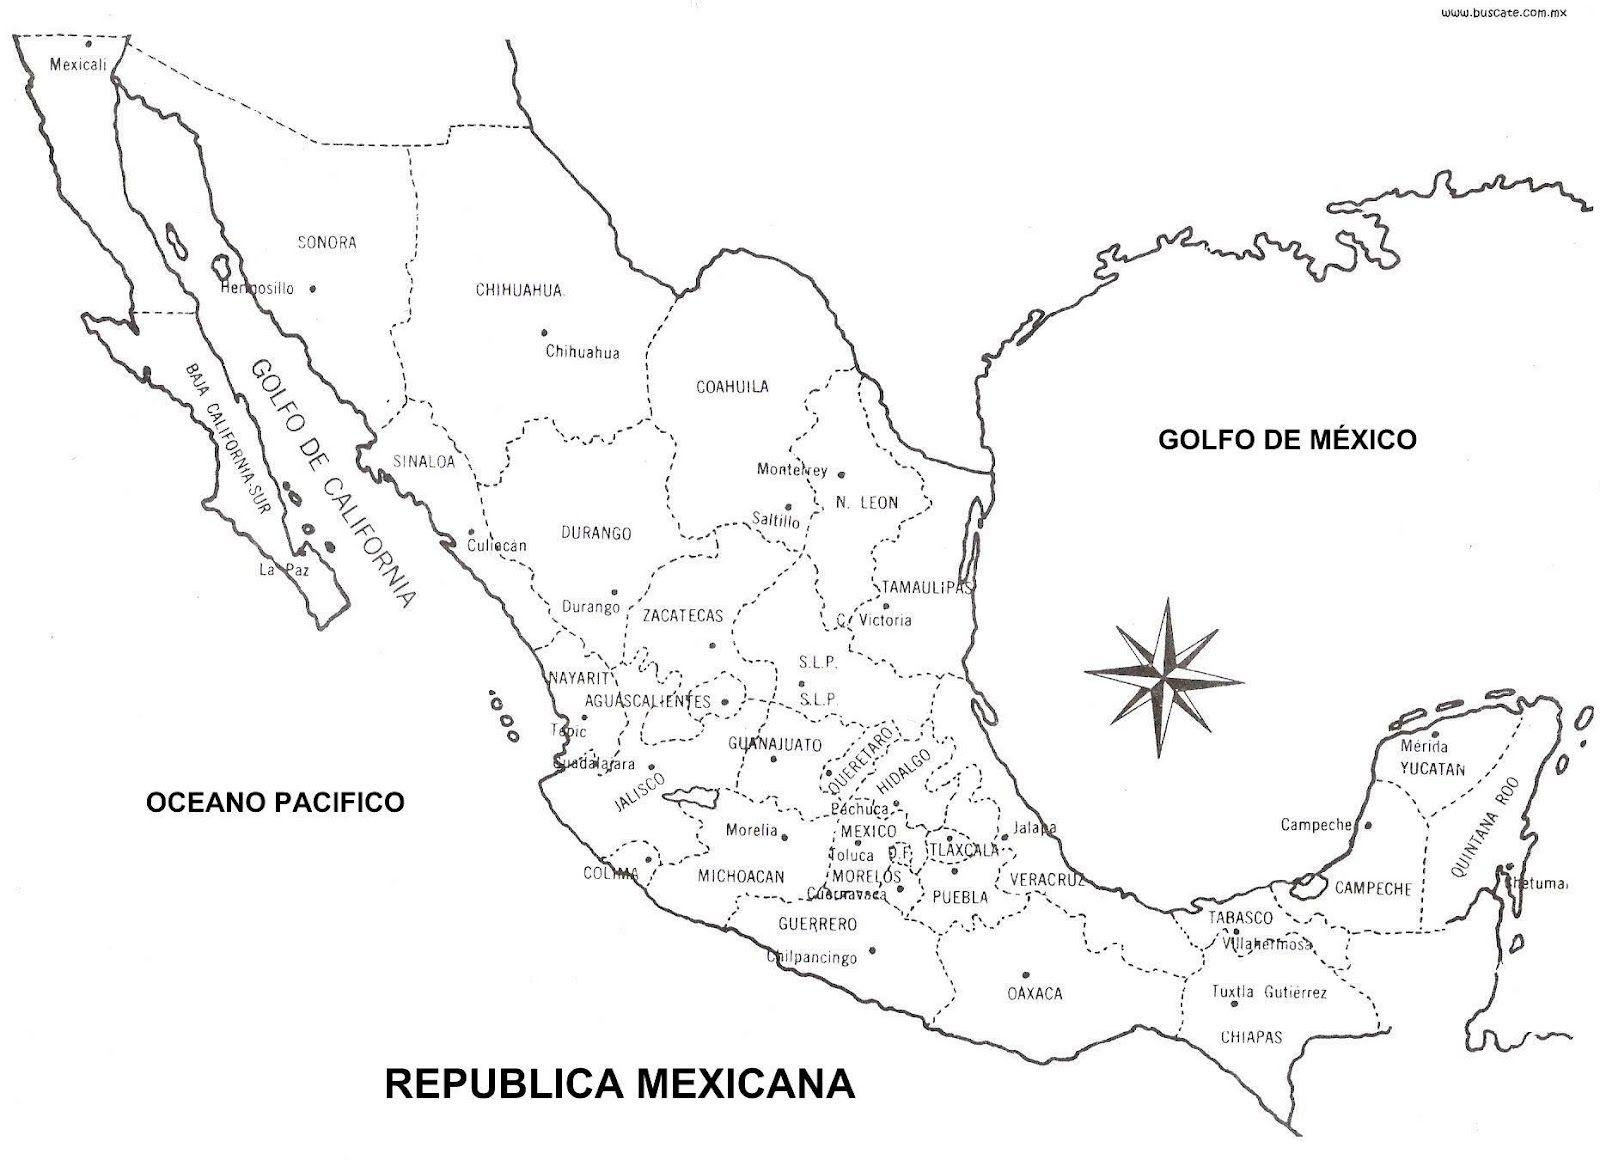 Mapa De México Orográfico Hidrográfico Con Sin Nombres Cgsign